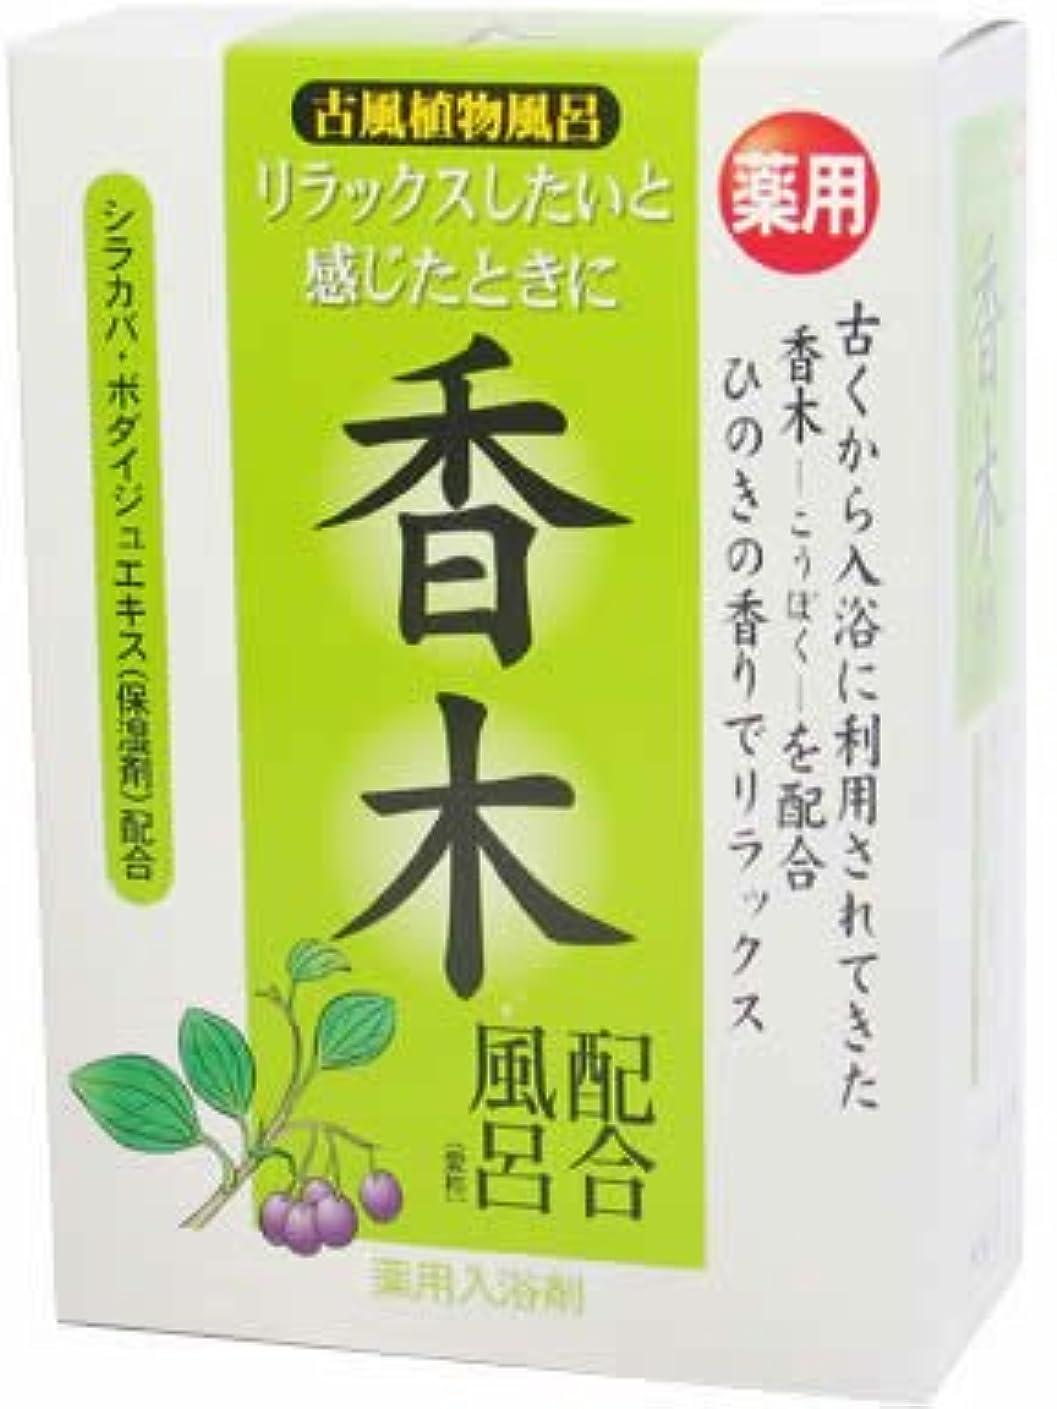 シュート自宅で取り組む古風植物風呂香木配合 25gX5包 [医薬部外品]